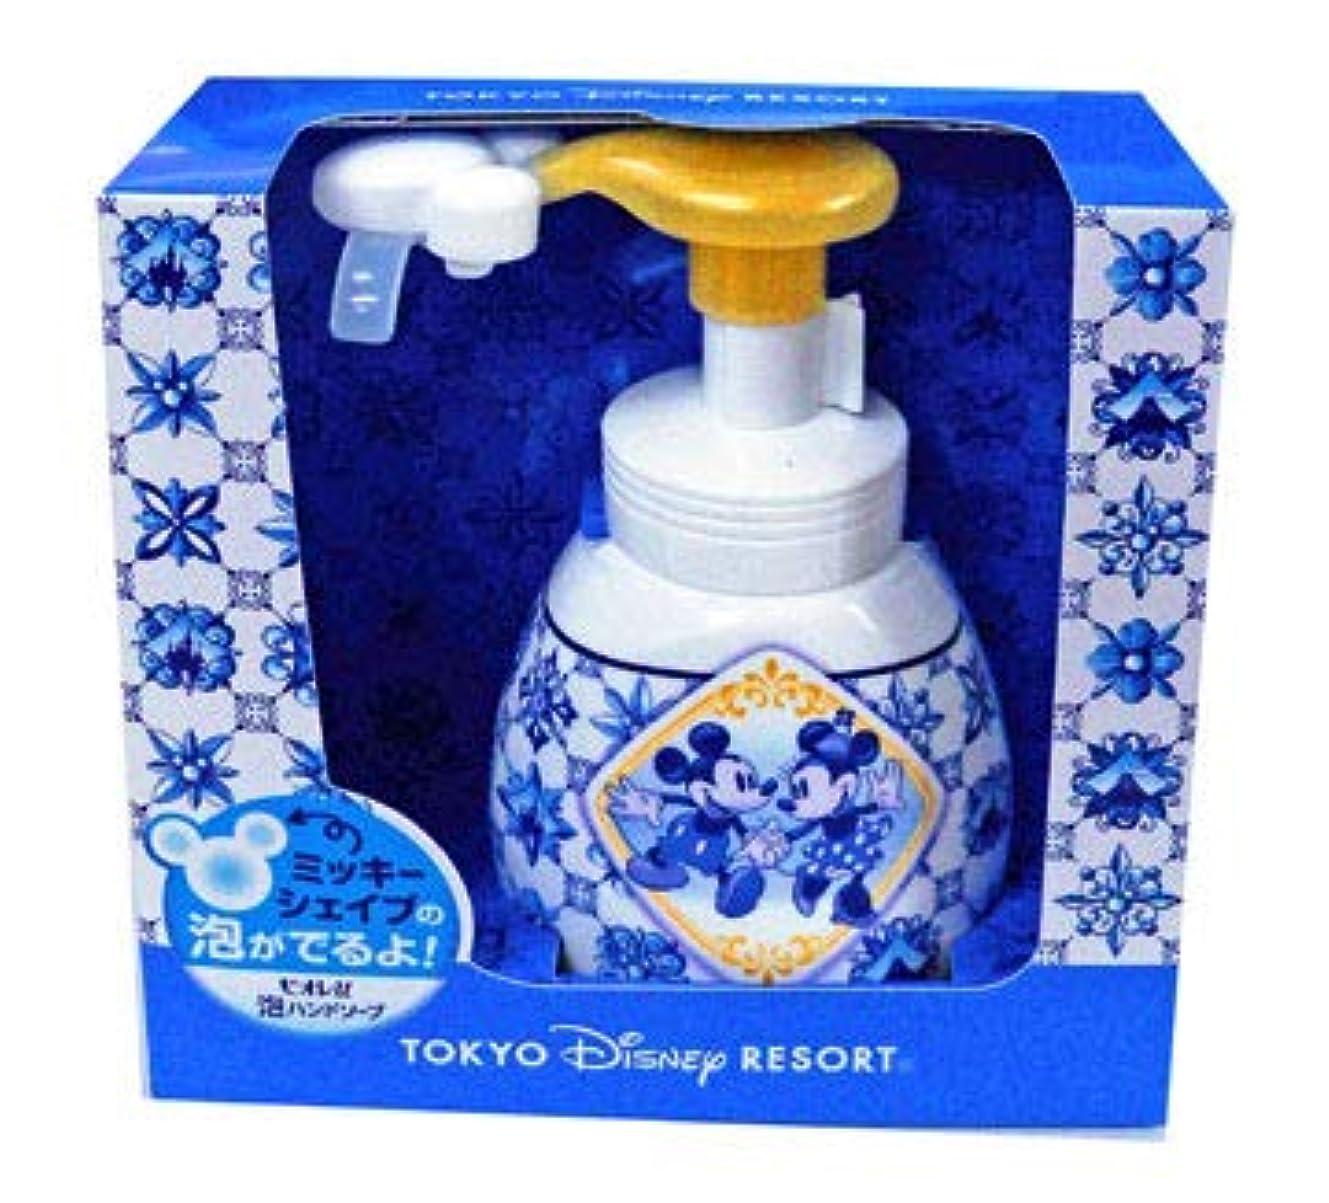 同種の側面増強泡ハンドソープ(新デザイン) 東京ディズニーリゾート ミッキーとミニー柄  おみやげ